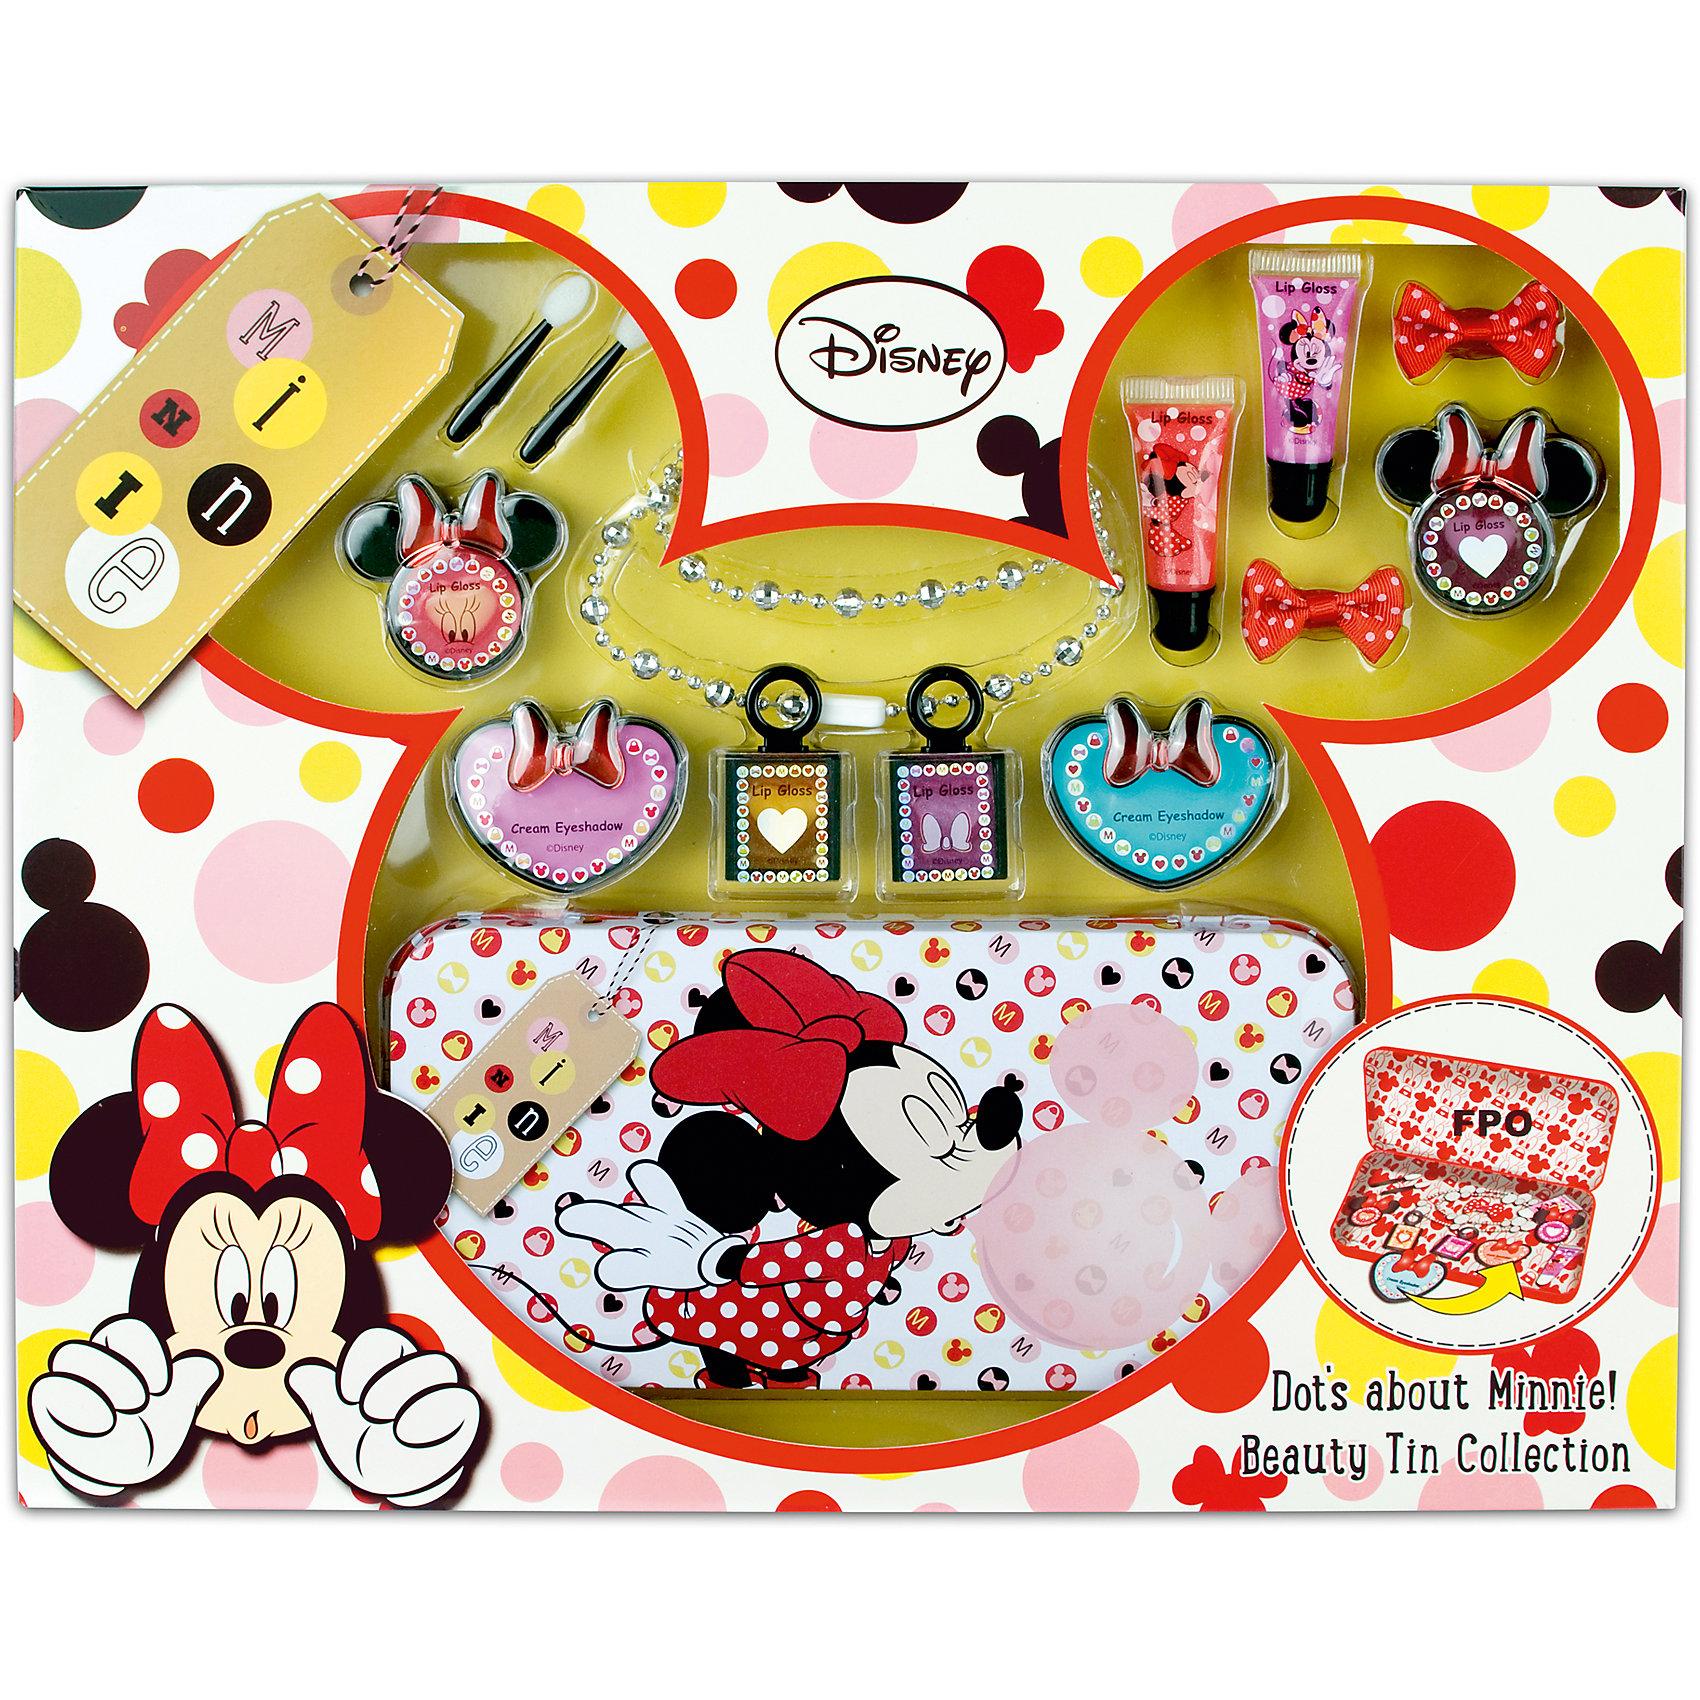 Набор детской декоративной косметики в пенале MinnieМинни Маус<br>Характеристики:<br><br>• Наименование: детская декоративная косметика<br>• Предназначение: для сюжетно-ролевых игр<br>• Серия: Микки Маус и его друзья<br>• Пол: для девочки<br>• Материал: натуральные косметические компоненты, пластик, картон, металл<br>• Цвет: розовый, бежевый, сиреневый, бирюзовый, оранжевый и др.<br>• Комплектация: 8 оттенков блеска для губ в баночках, 2 блеска для губ в тубах, 2 оттенка теней для век в баночках, 2 аппликатора, 2 резинки для волос, цепочка, жестяной пенал<br>• Размеры (Д*Ш*В): 39*32*4,5 см<br>• Вес: 425 г <br>• Упаковка: картонная коробка с блистером<br><br>Игровой набор детской декоративной косметики с пеналом, Минни Маус – это набор игровой детской косметики от Markwins, которая вот уже несколько десятилетий специализируется на выпуске детской косметики. Рецептура декоративной детской косметики разработана совместно с косметологами и медиками, в основе рецептуры – водная основа, а потому она гипоаллергенны, не вызывает раздражений на детской коже и легко смывается, не оставляя следа. Безопасность продукции подтверждена международными сертификатами качества и безопасности. <br>Игровой набор детской декоративной косметики состоит из палитры блеска для губ, палитры кремовых теней, аксессуаров для нанесения макияжа и бижутерии. В комплекте предусмотрен жестяной компактный пенал яркого дизайна. Косметические средства, входящие в состав набора, имеют длительный срок хранения – 12 месяцев. Набор выполнен в брендовом дизайне популярной серии Микки Маус и его друзья. Игровой набор детской декоративной косметики от Markwins может стать незаменимым праздничным подарком для любой маленькой модницы!<br><br>Игровой набор детской декоративной косметики с пеналом, Минни Маус можно купить в нашем интернет-магазине.<br><br>Ширина мм: 390<br>Глубина мм: 320<br>Высота мм: 40<br>Вес г: 501<br>Возраст от месяцев: 48<br>Возраст до месяцев: 120<br>Пол: Женский<br>Возраст: Детский<br>SKU: